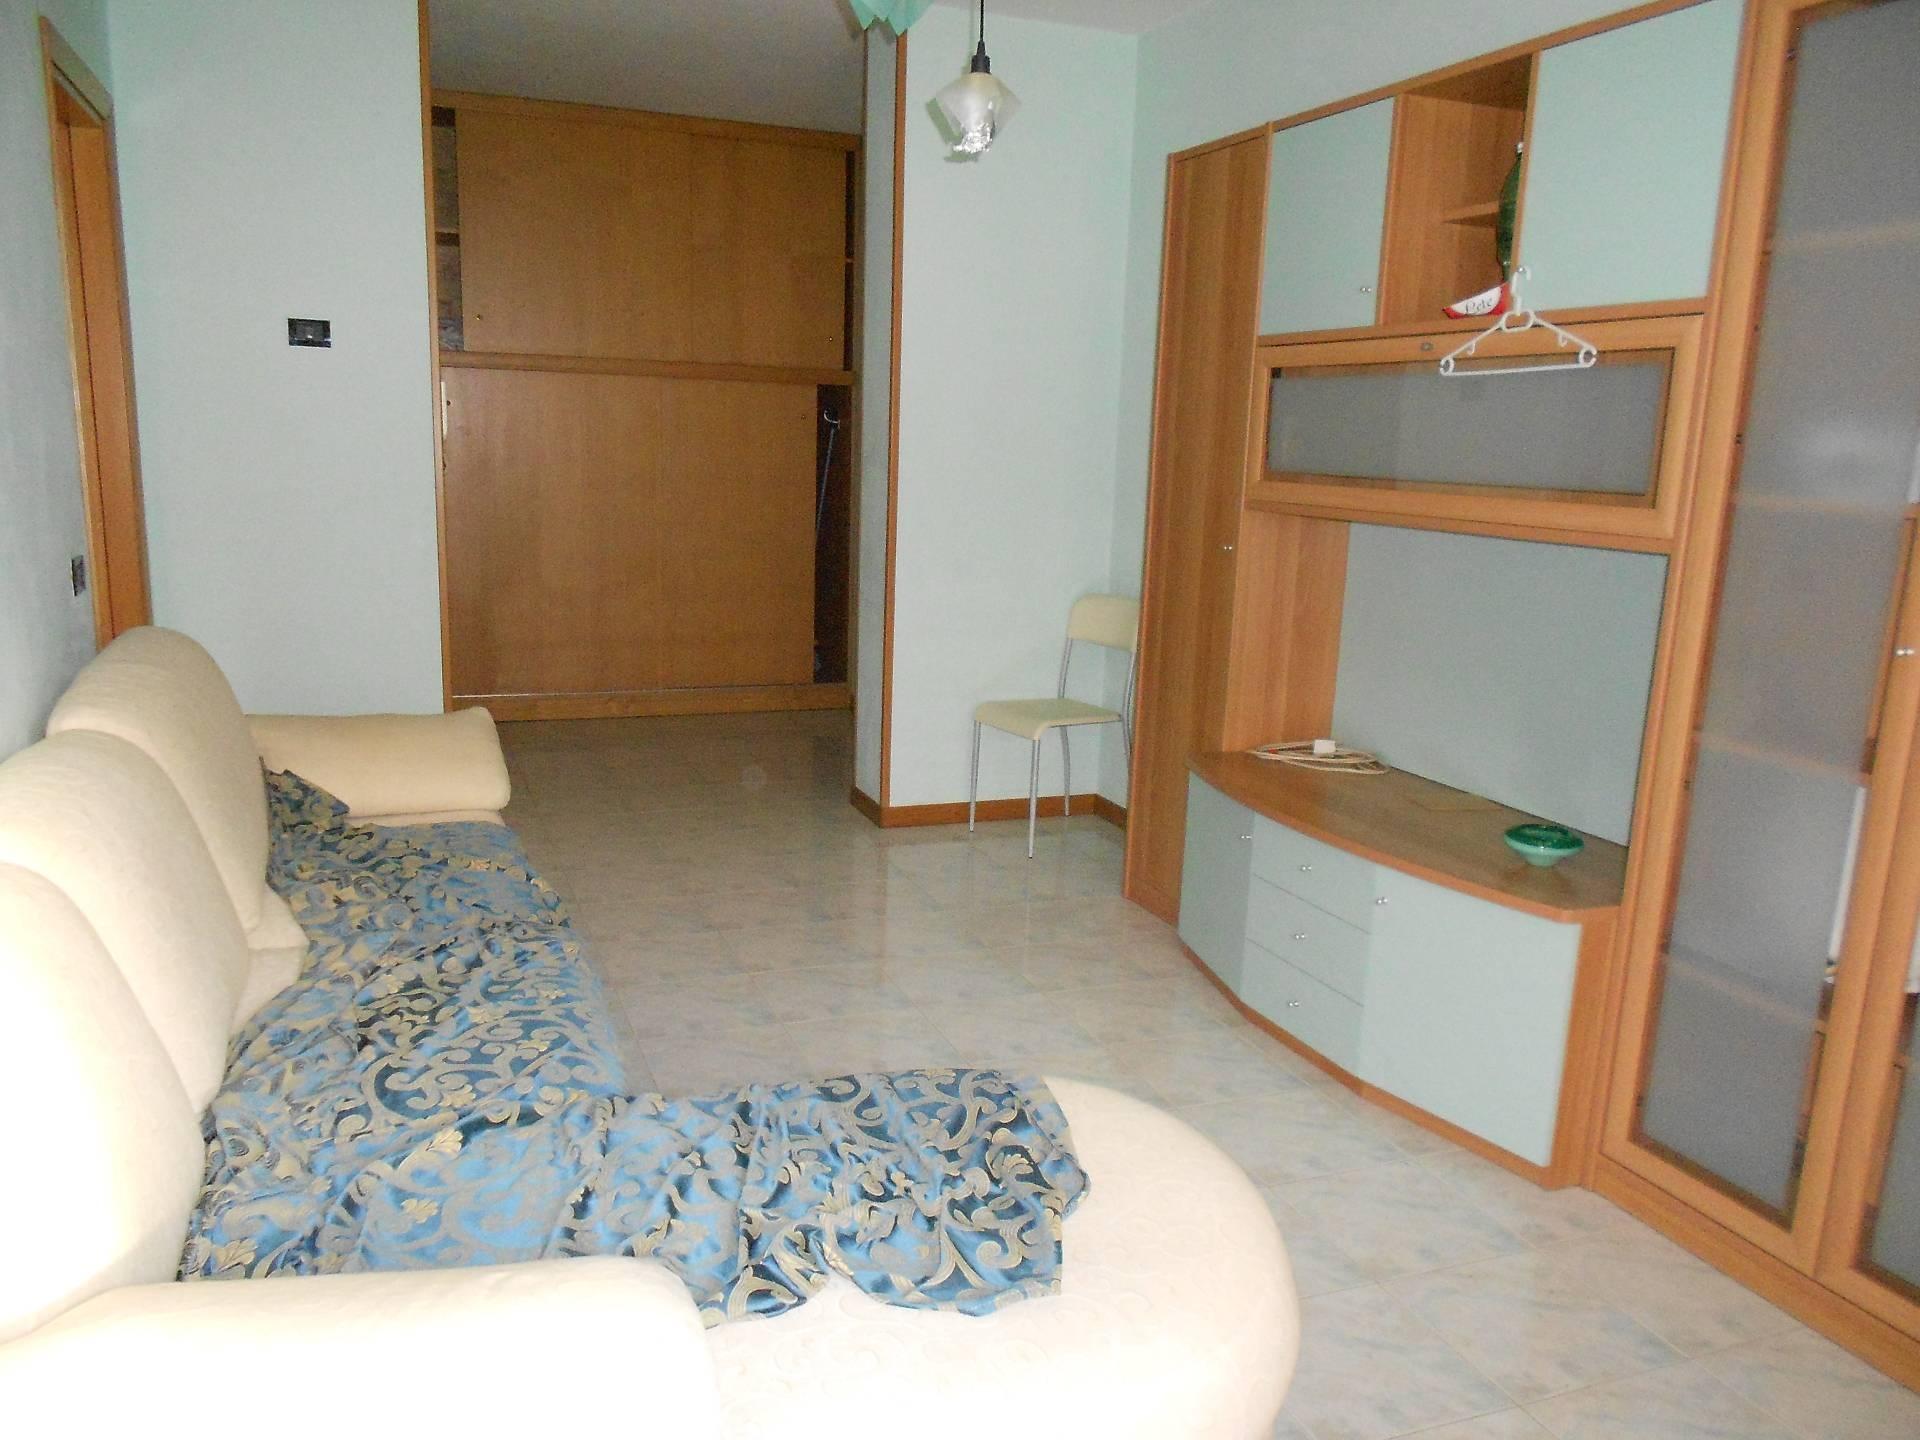 Appartamento in vendita a Telese Terme, 9999 locali, prezzo € 66.000 | CambioCasa.it